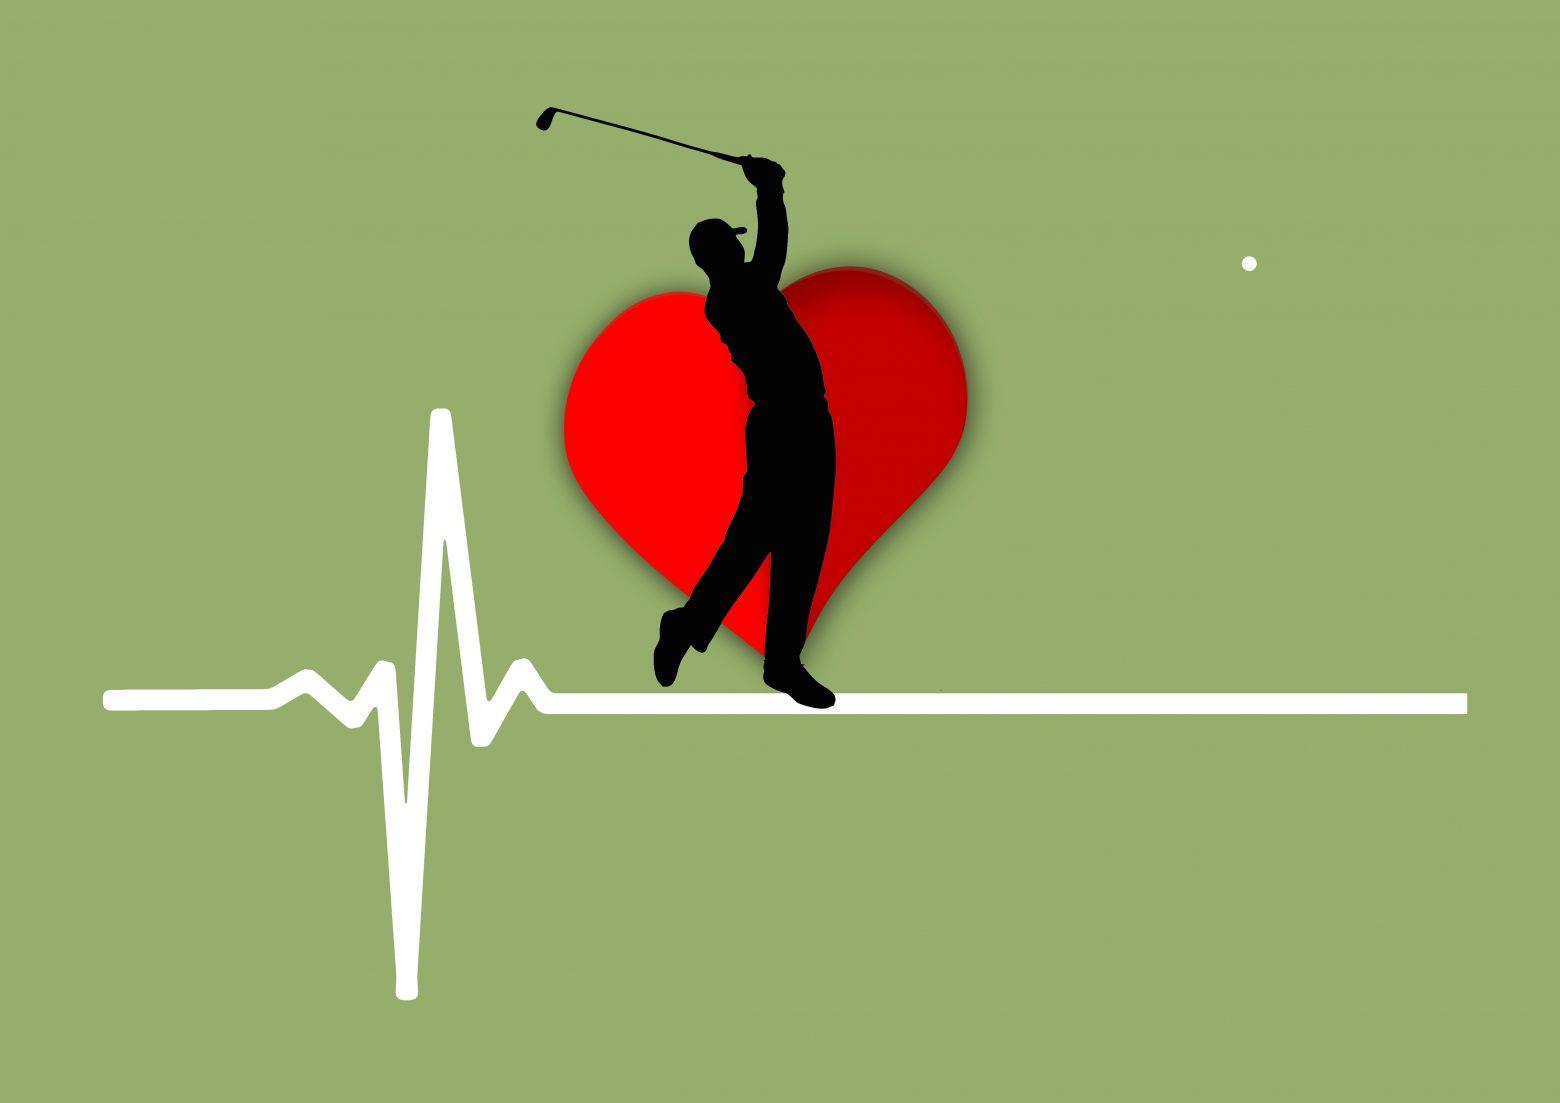 heartbeat-3077960